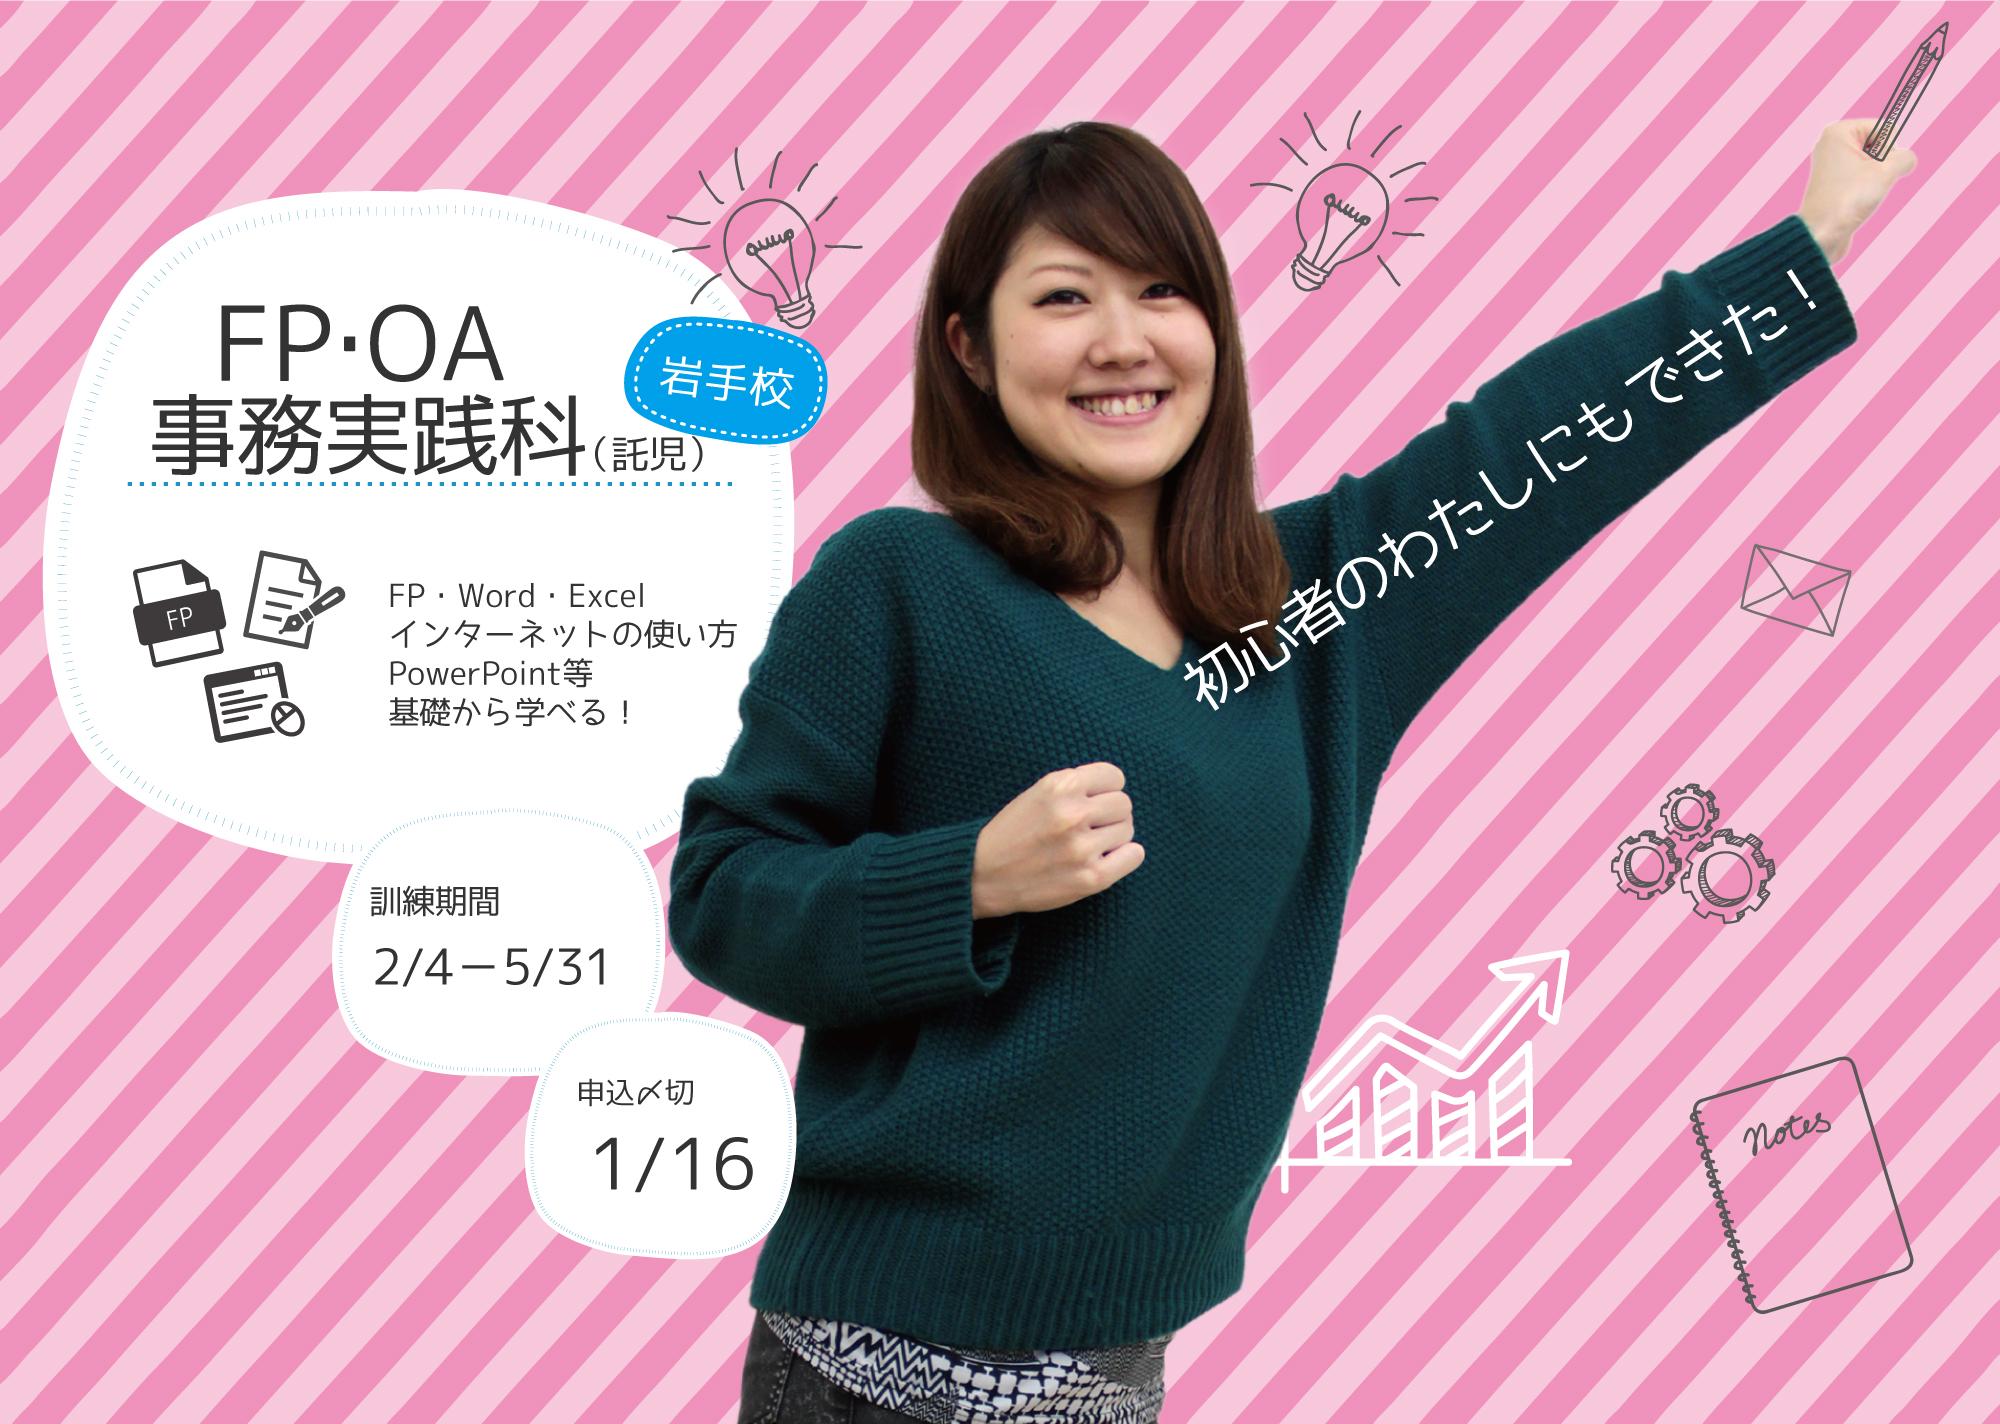 【岩手】FP・OA事務実践科(託児付)